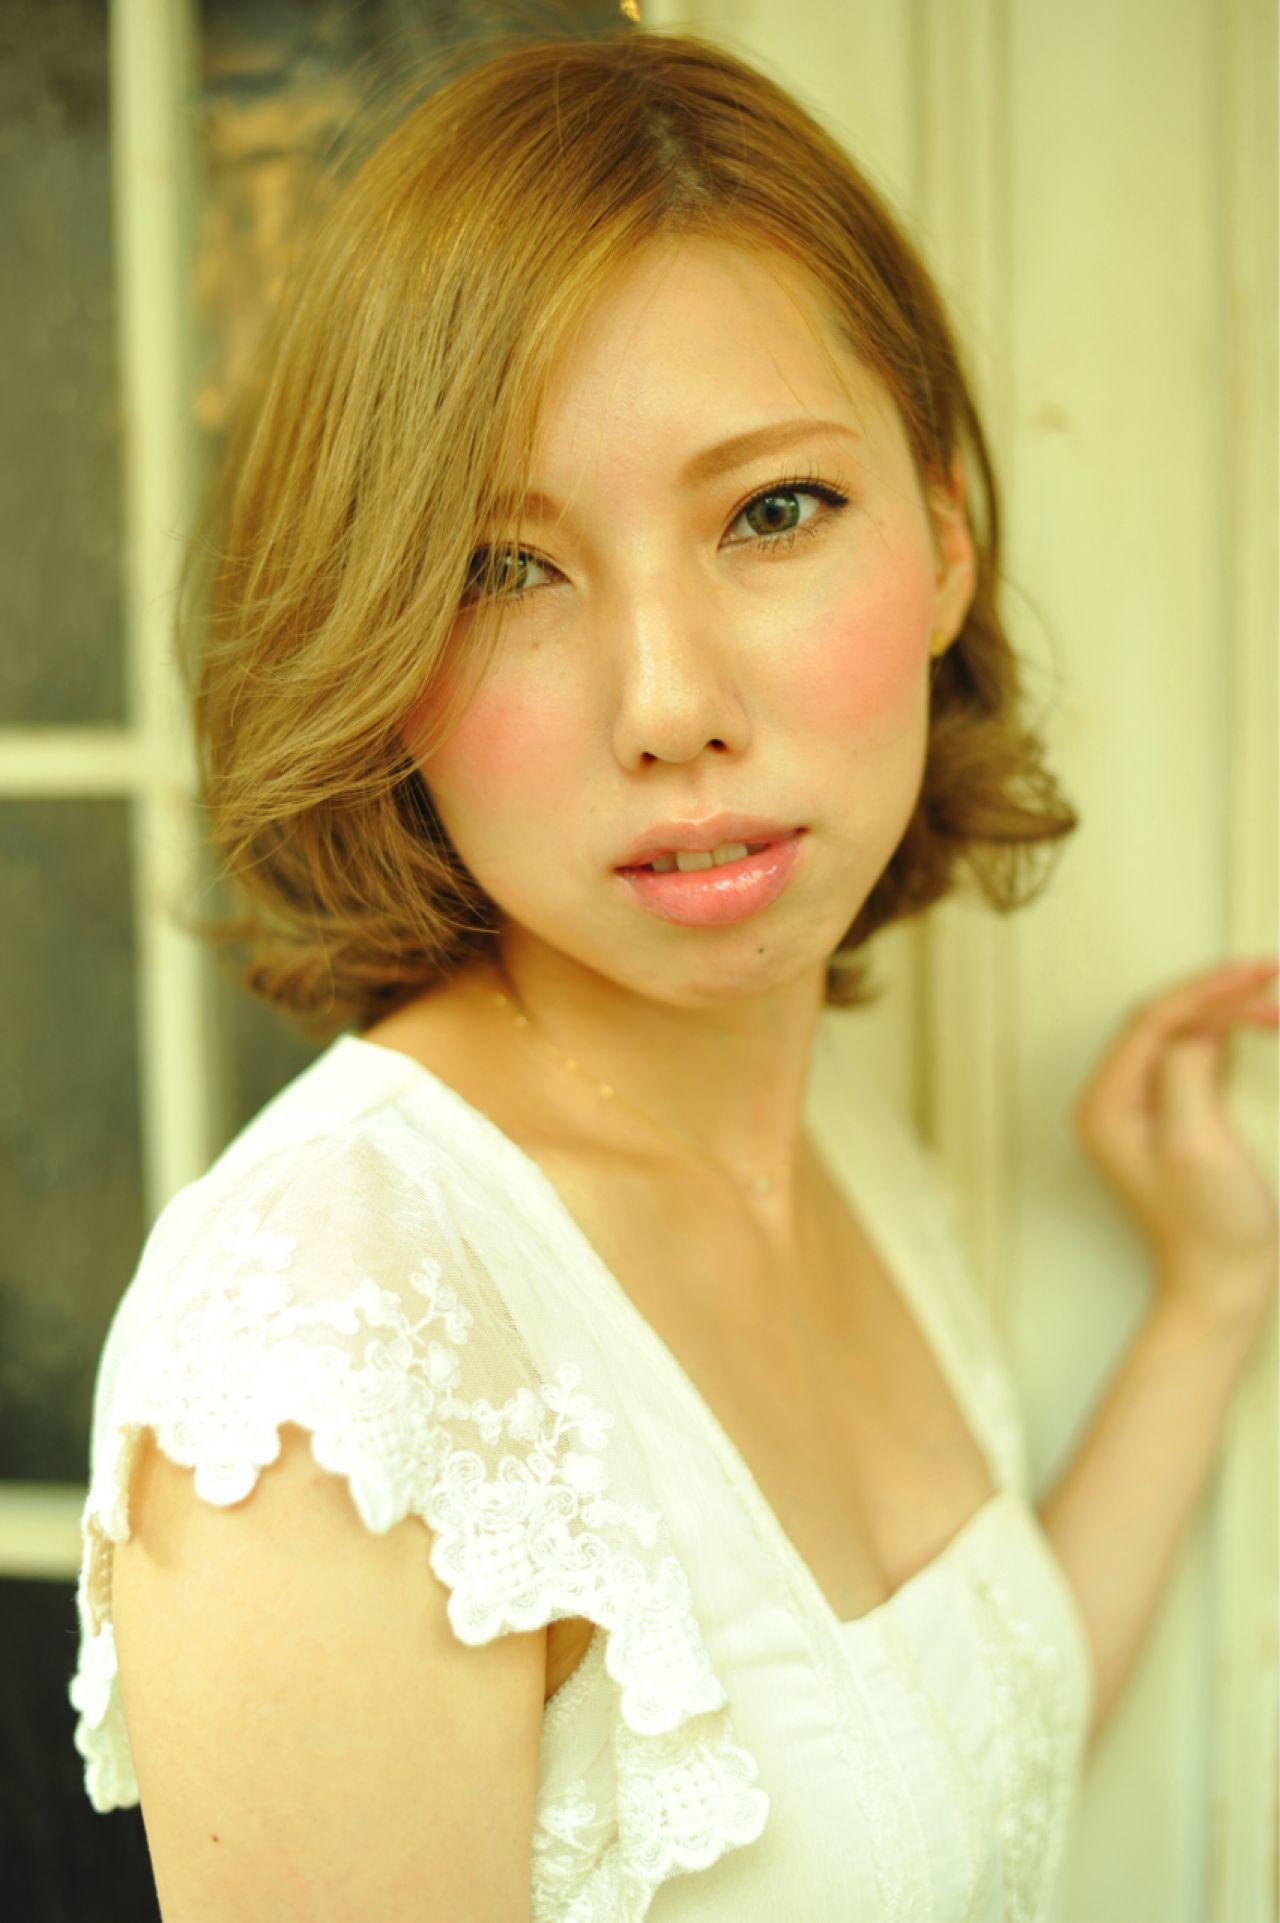 ストレート ナチュラル ミディアム モテ髪 ヘアスタイルや髪型の写真・画像 | 江田 有希 / 下北沢LOAWe